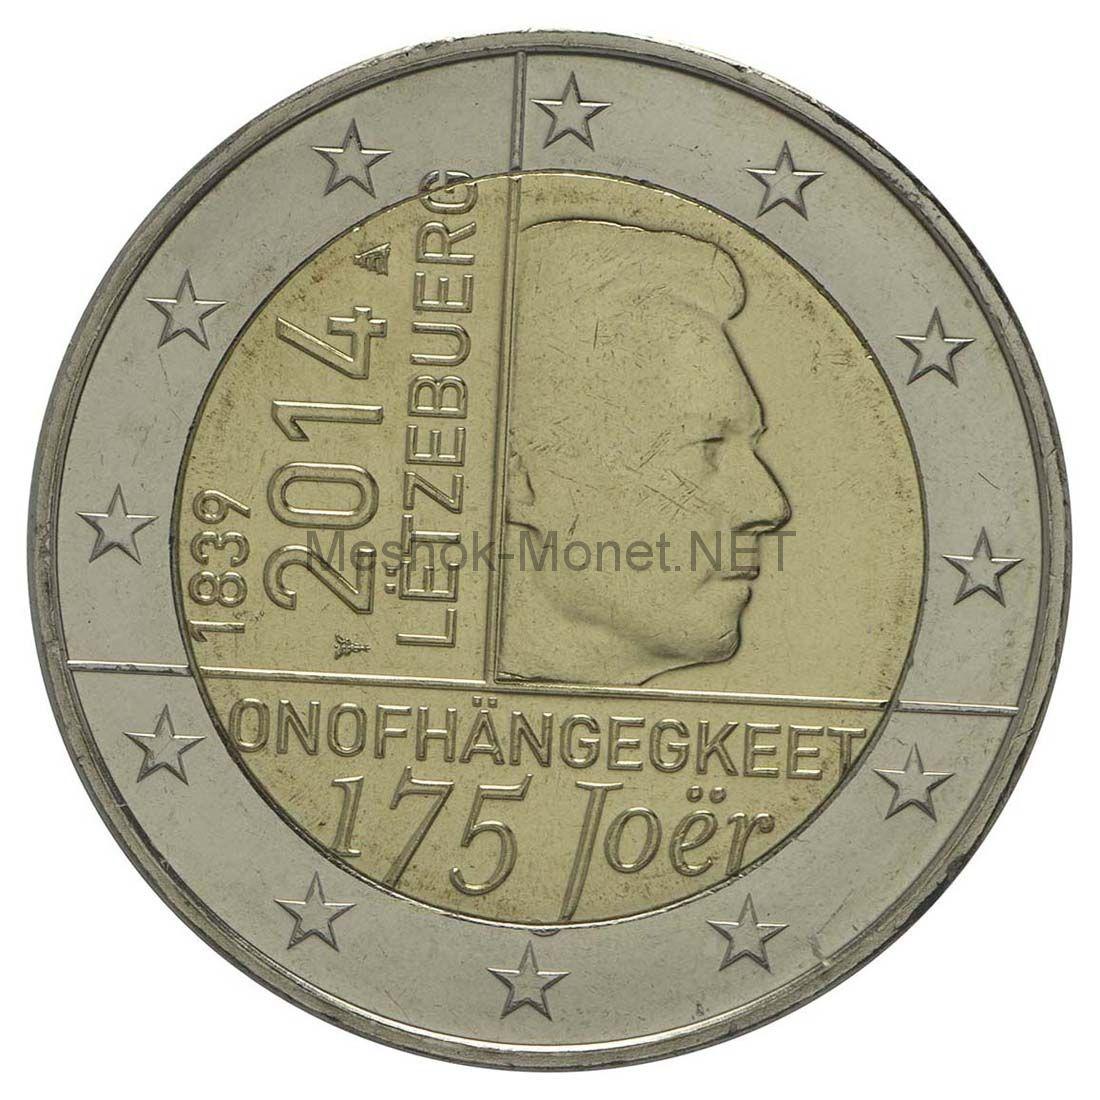 Люксембург 2 евро 2014, 175 лет независимости Великого Герцогства Люксембург